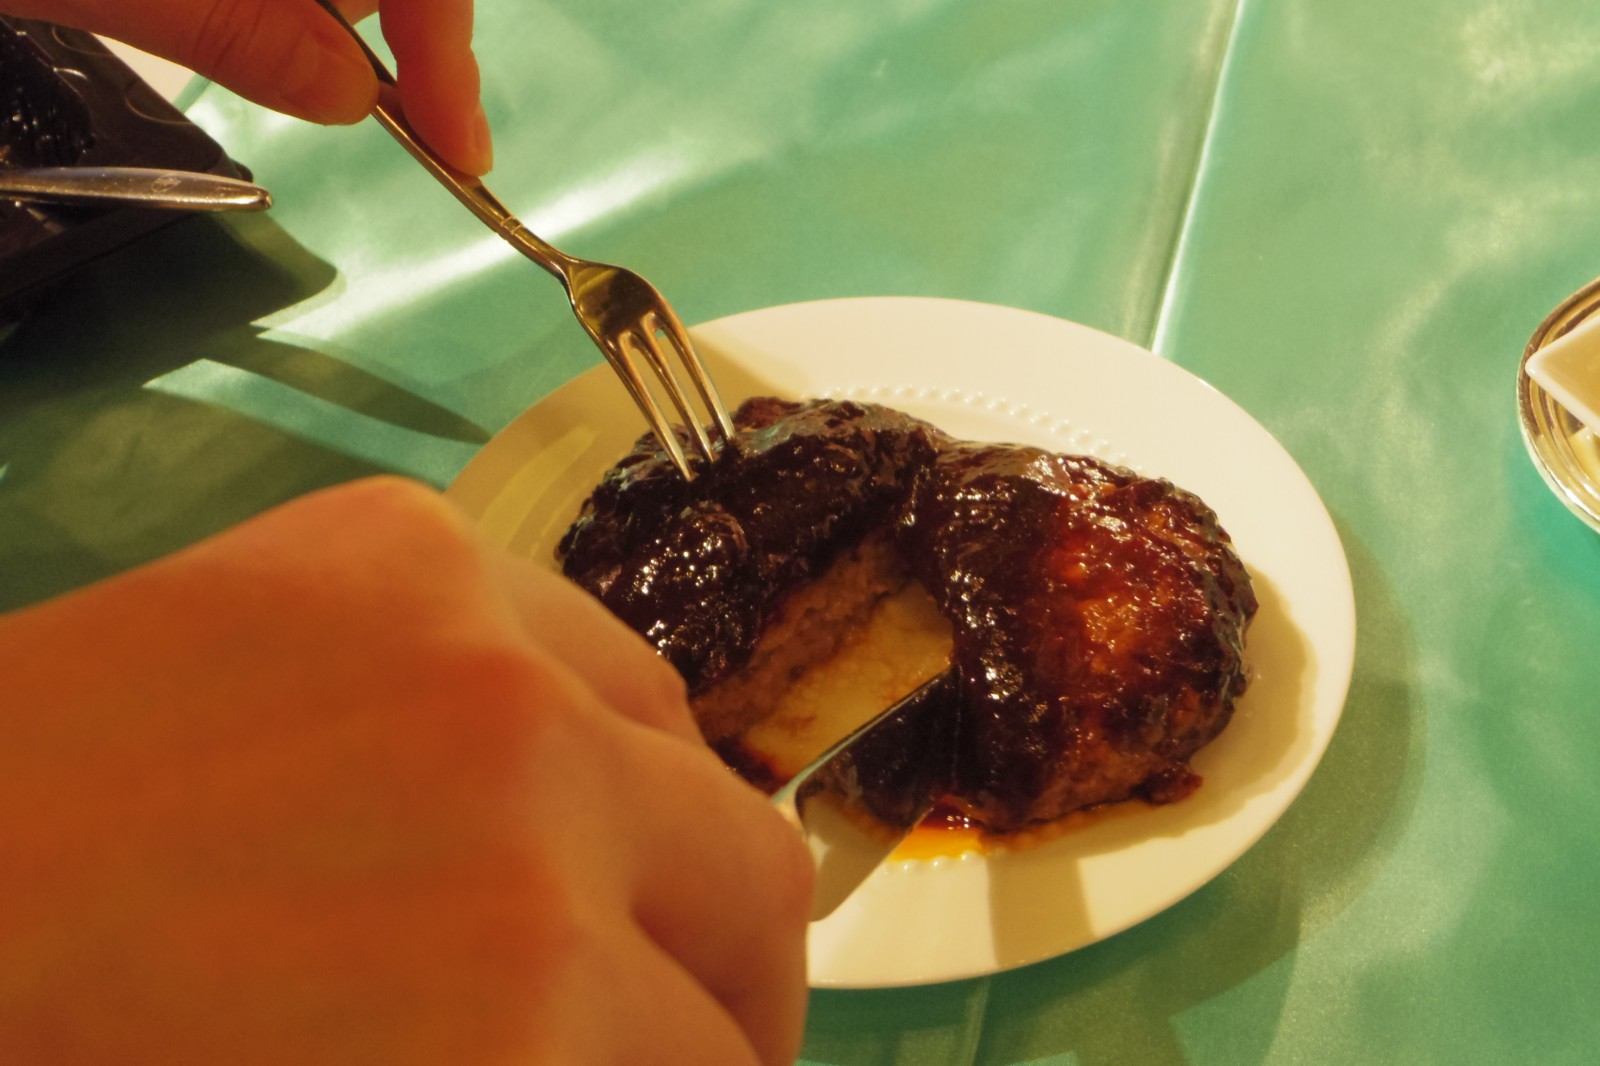 レンジ調理で夕食の食卓に本格ハンバーグ。外袋ごと調理・日本水産、焼きにこだわったソース別添のニッポンハム